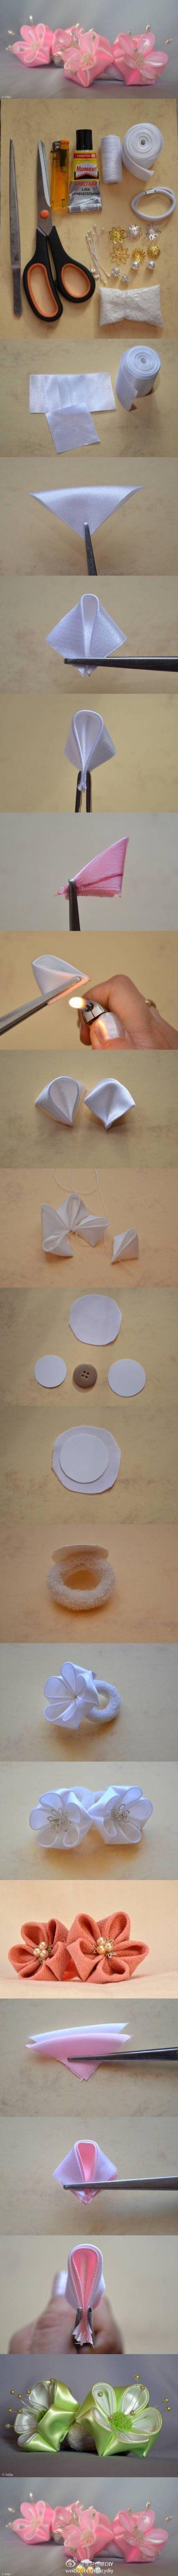 好美的丝绸花儿~图片来自网络——更多有趣内容,请关注@美好创意DIY (http://t.cn/zOR4l2D)